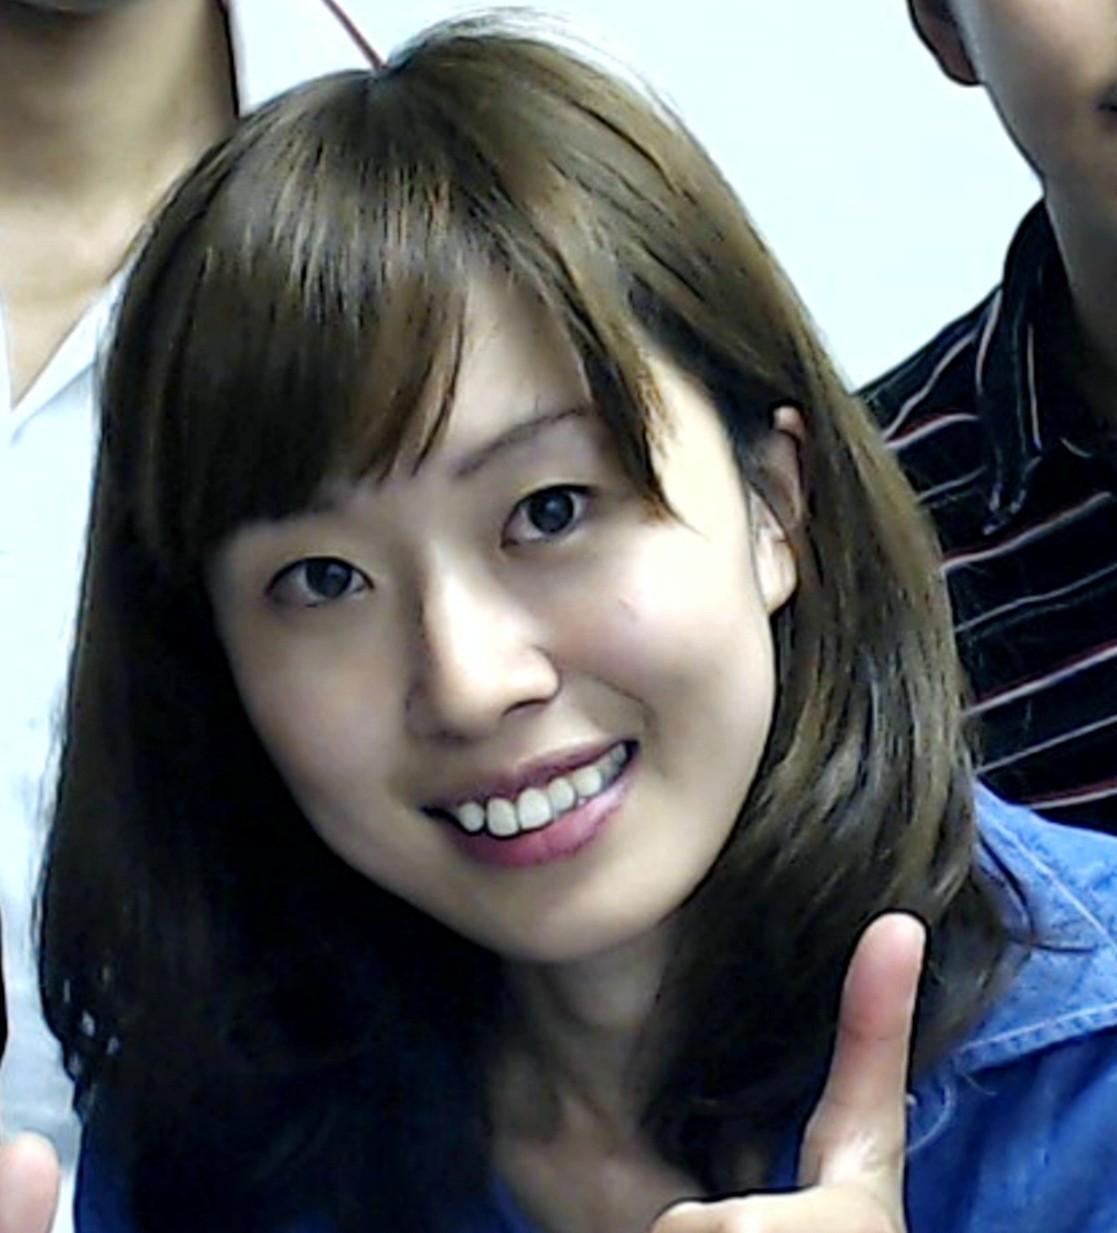 お客様の声 花井志穂さん 専業主婦